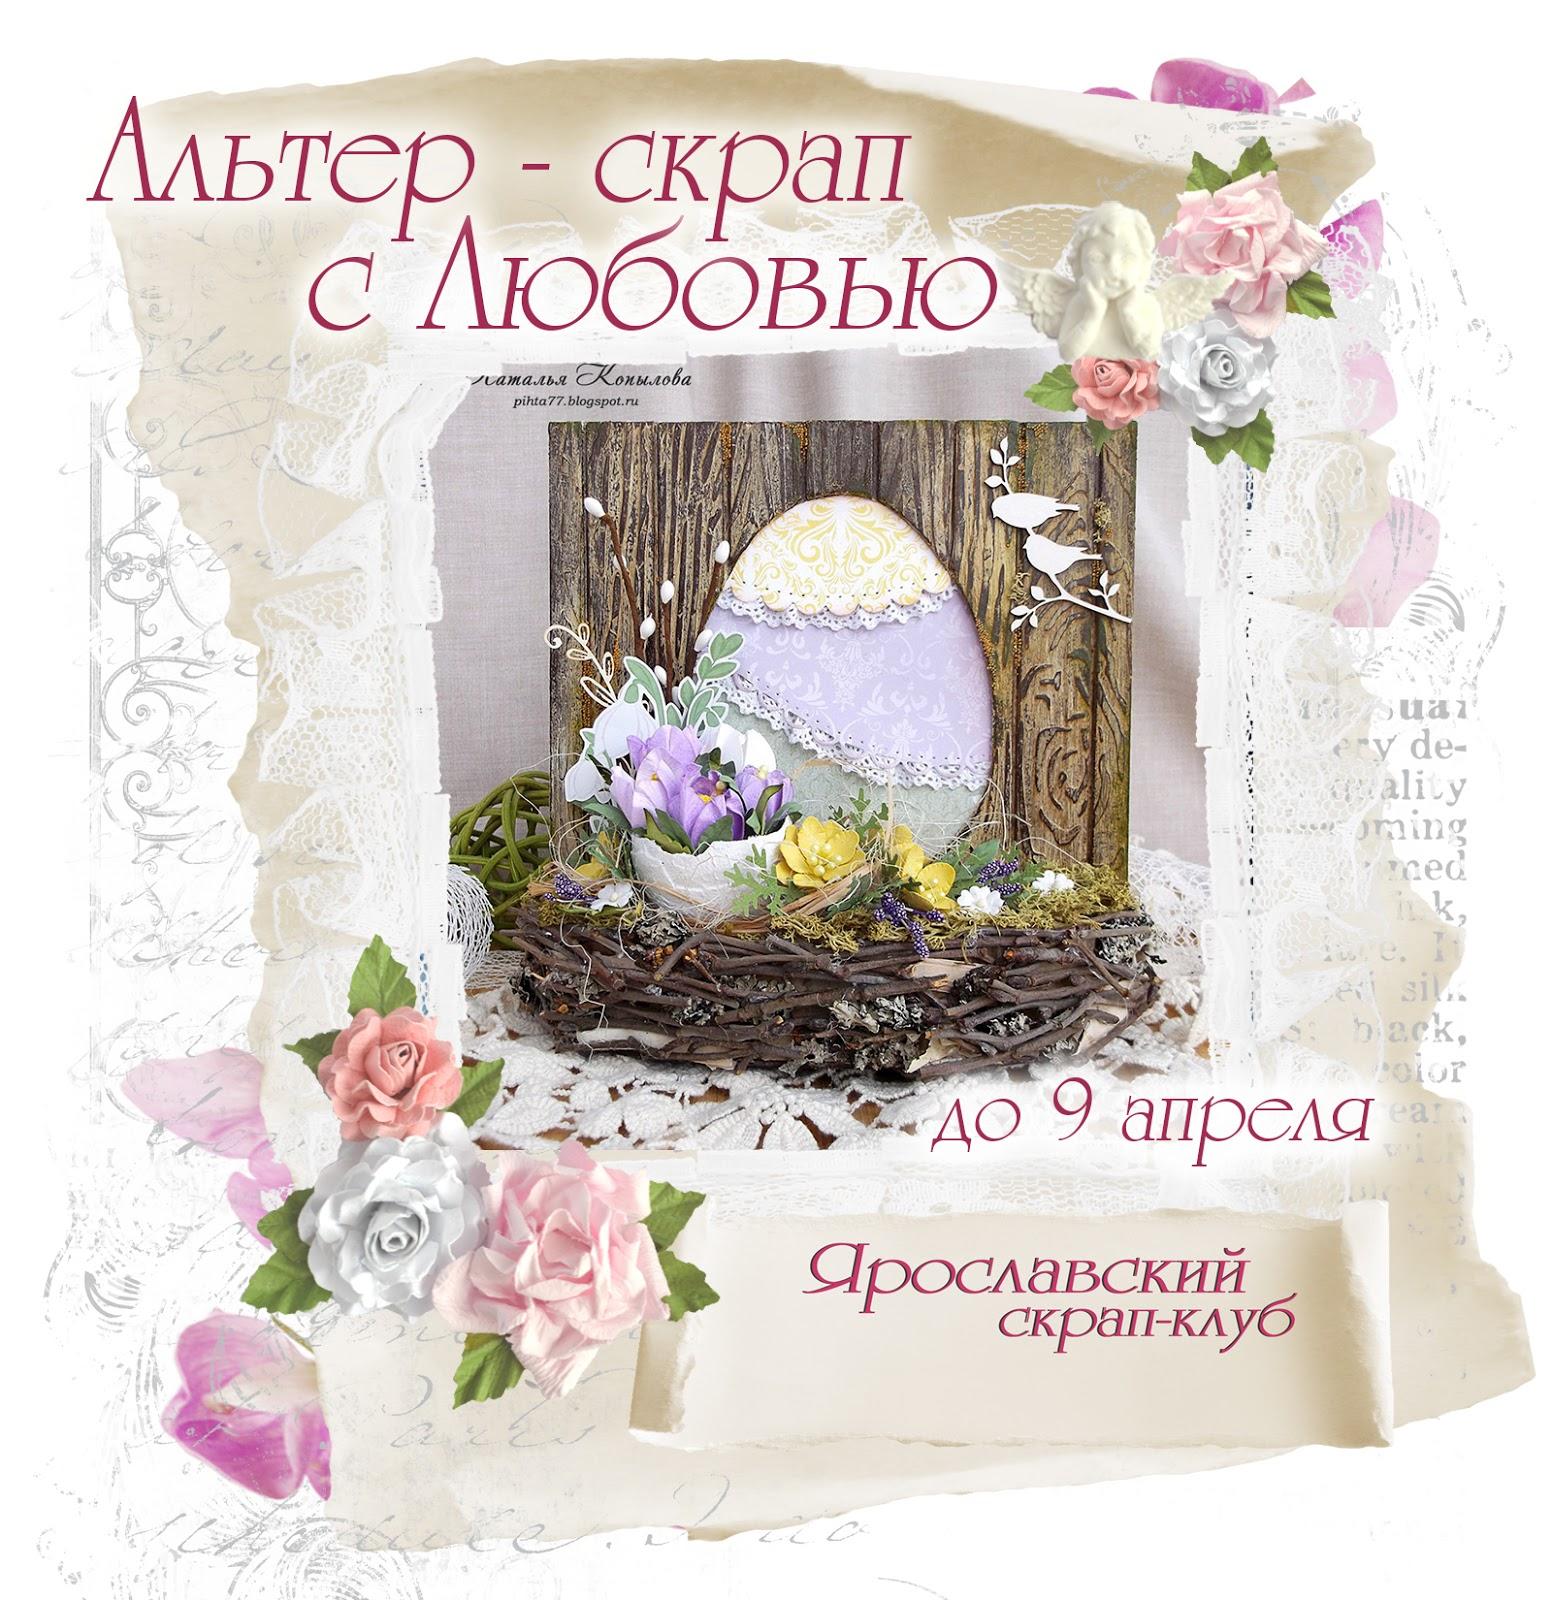 Пасхальный декор до 09.04.17